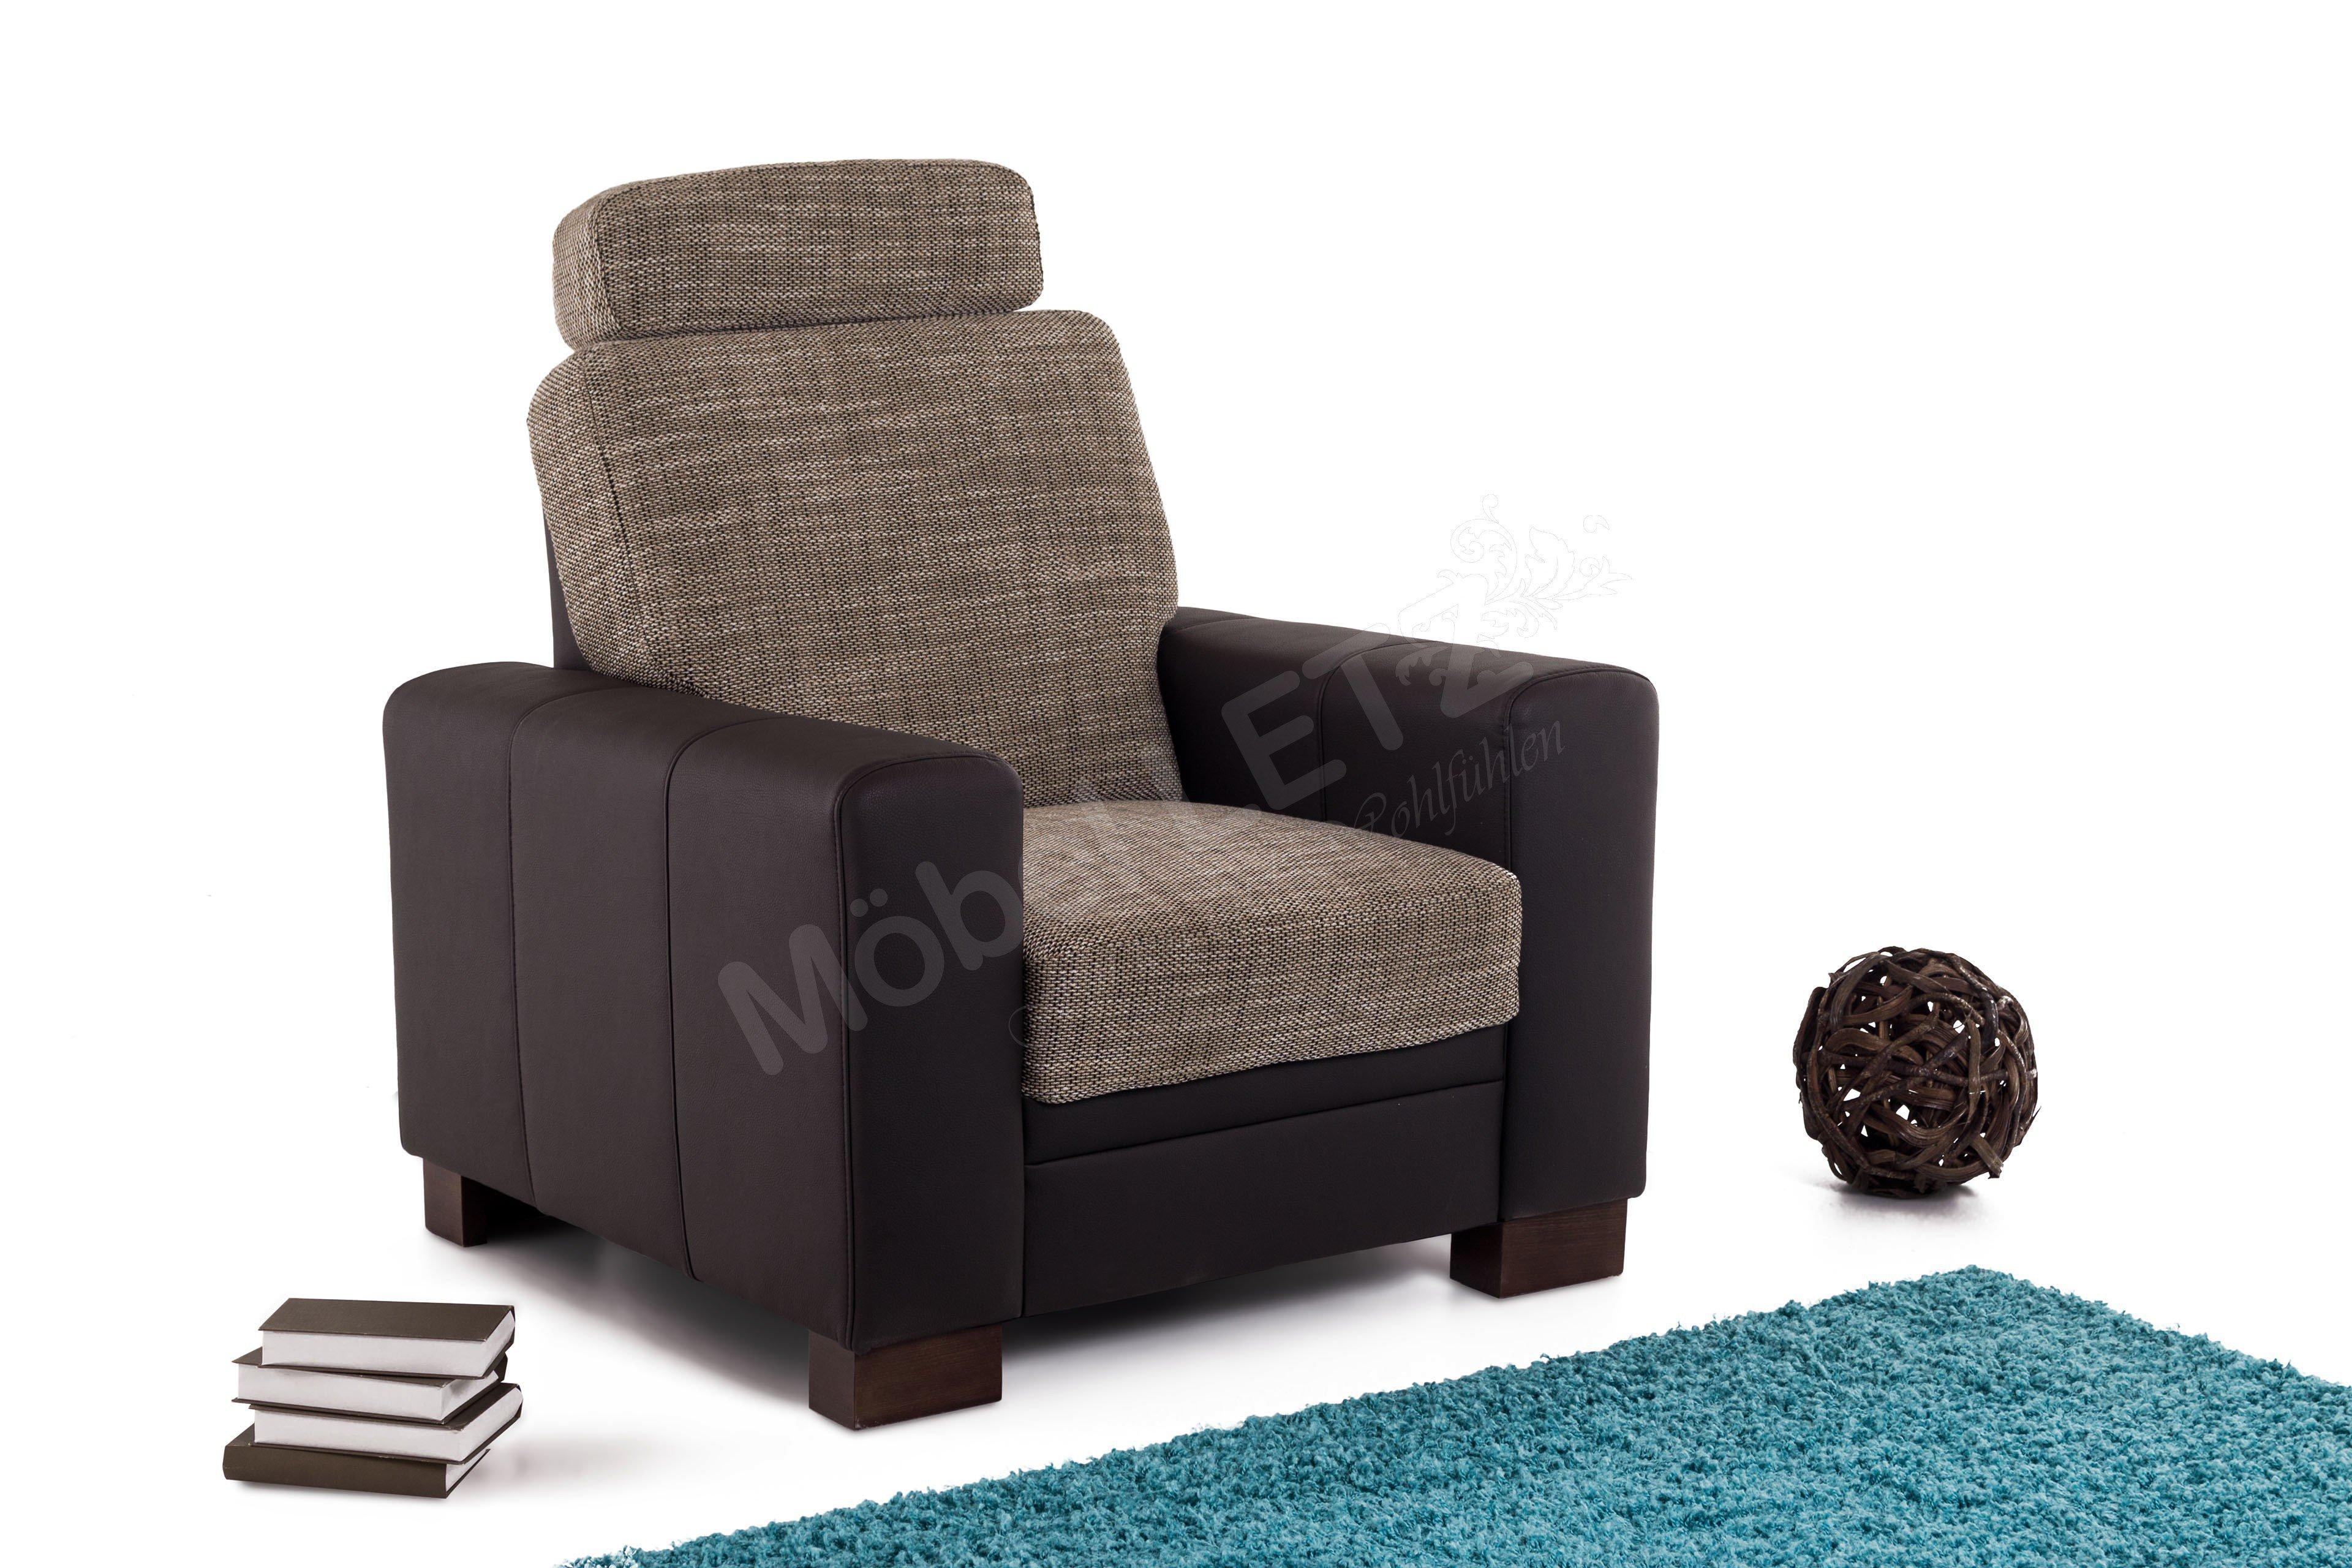 gro zehdenick polstermobel gmbh co kg zeitgen ssisch das beste architekturbild. Black Bedroom Furniture Sets. Home Design Ideas